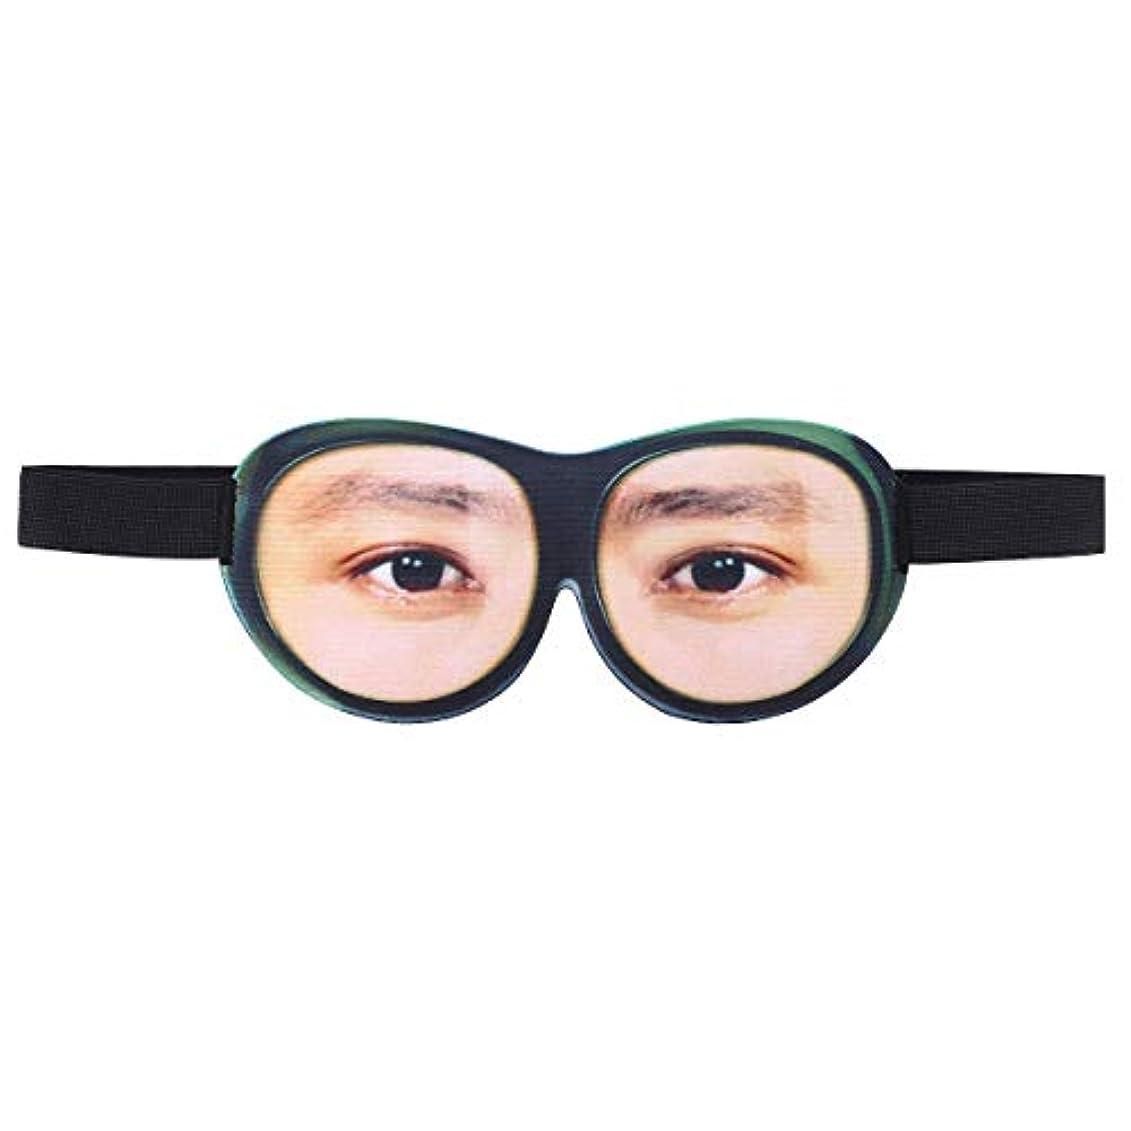 窒息させる勉強するくびれたSUPVOX 男性と女性のための3D面白い睡眠マスク通気性目隠しアイマスク旅行睡眠マスク